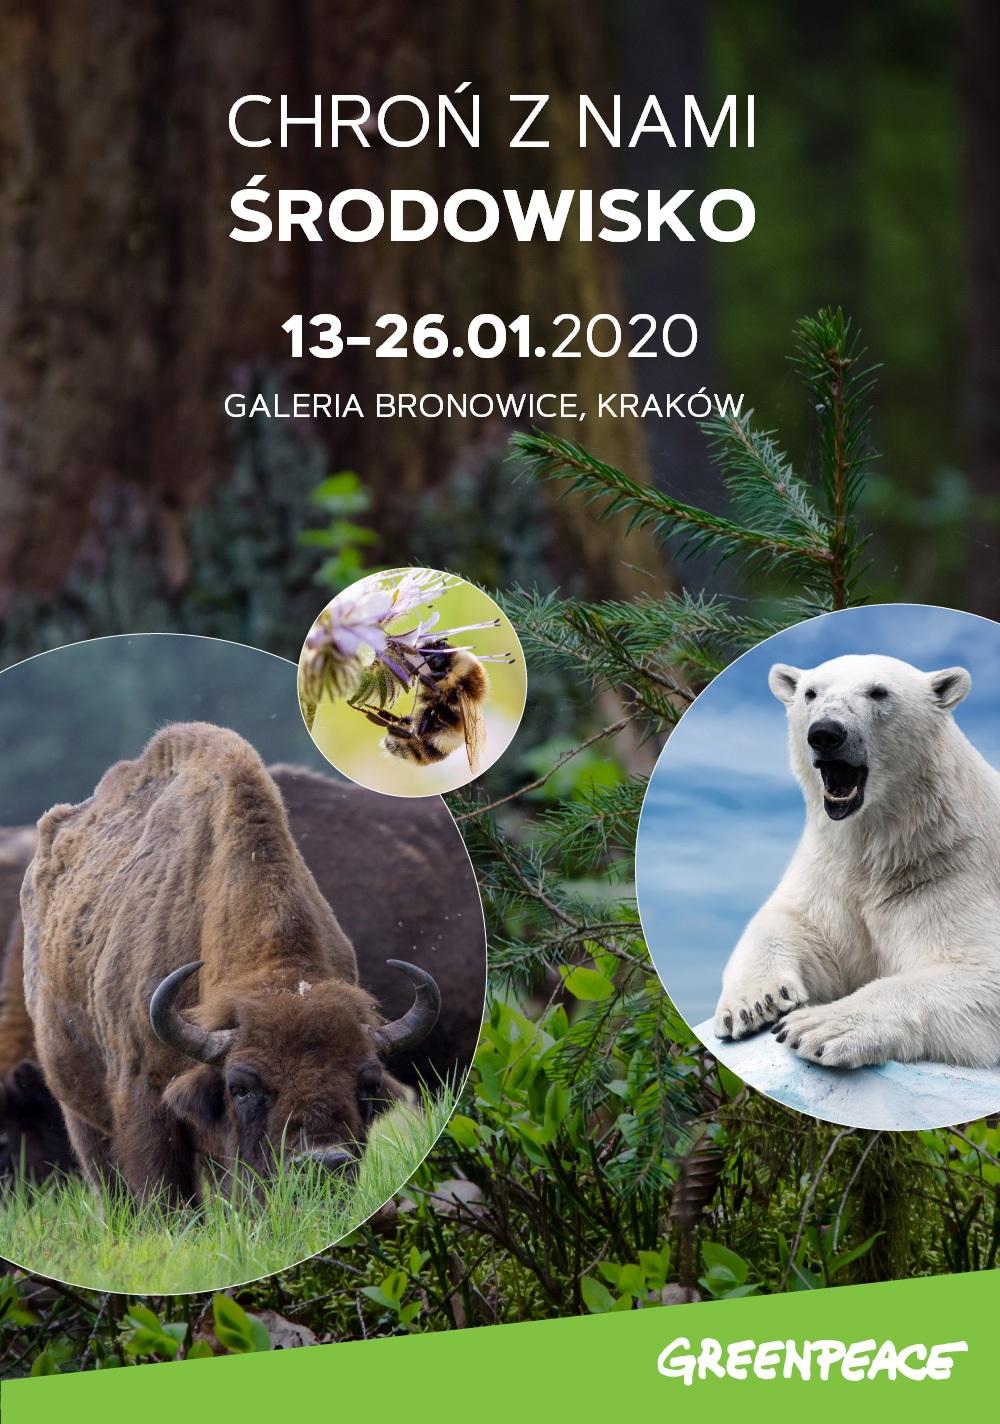 Chroń środowisko naturalne z Galerią Bronowice